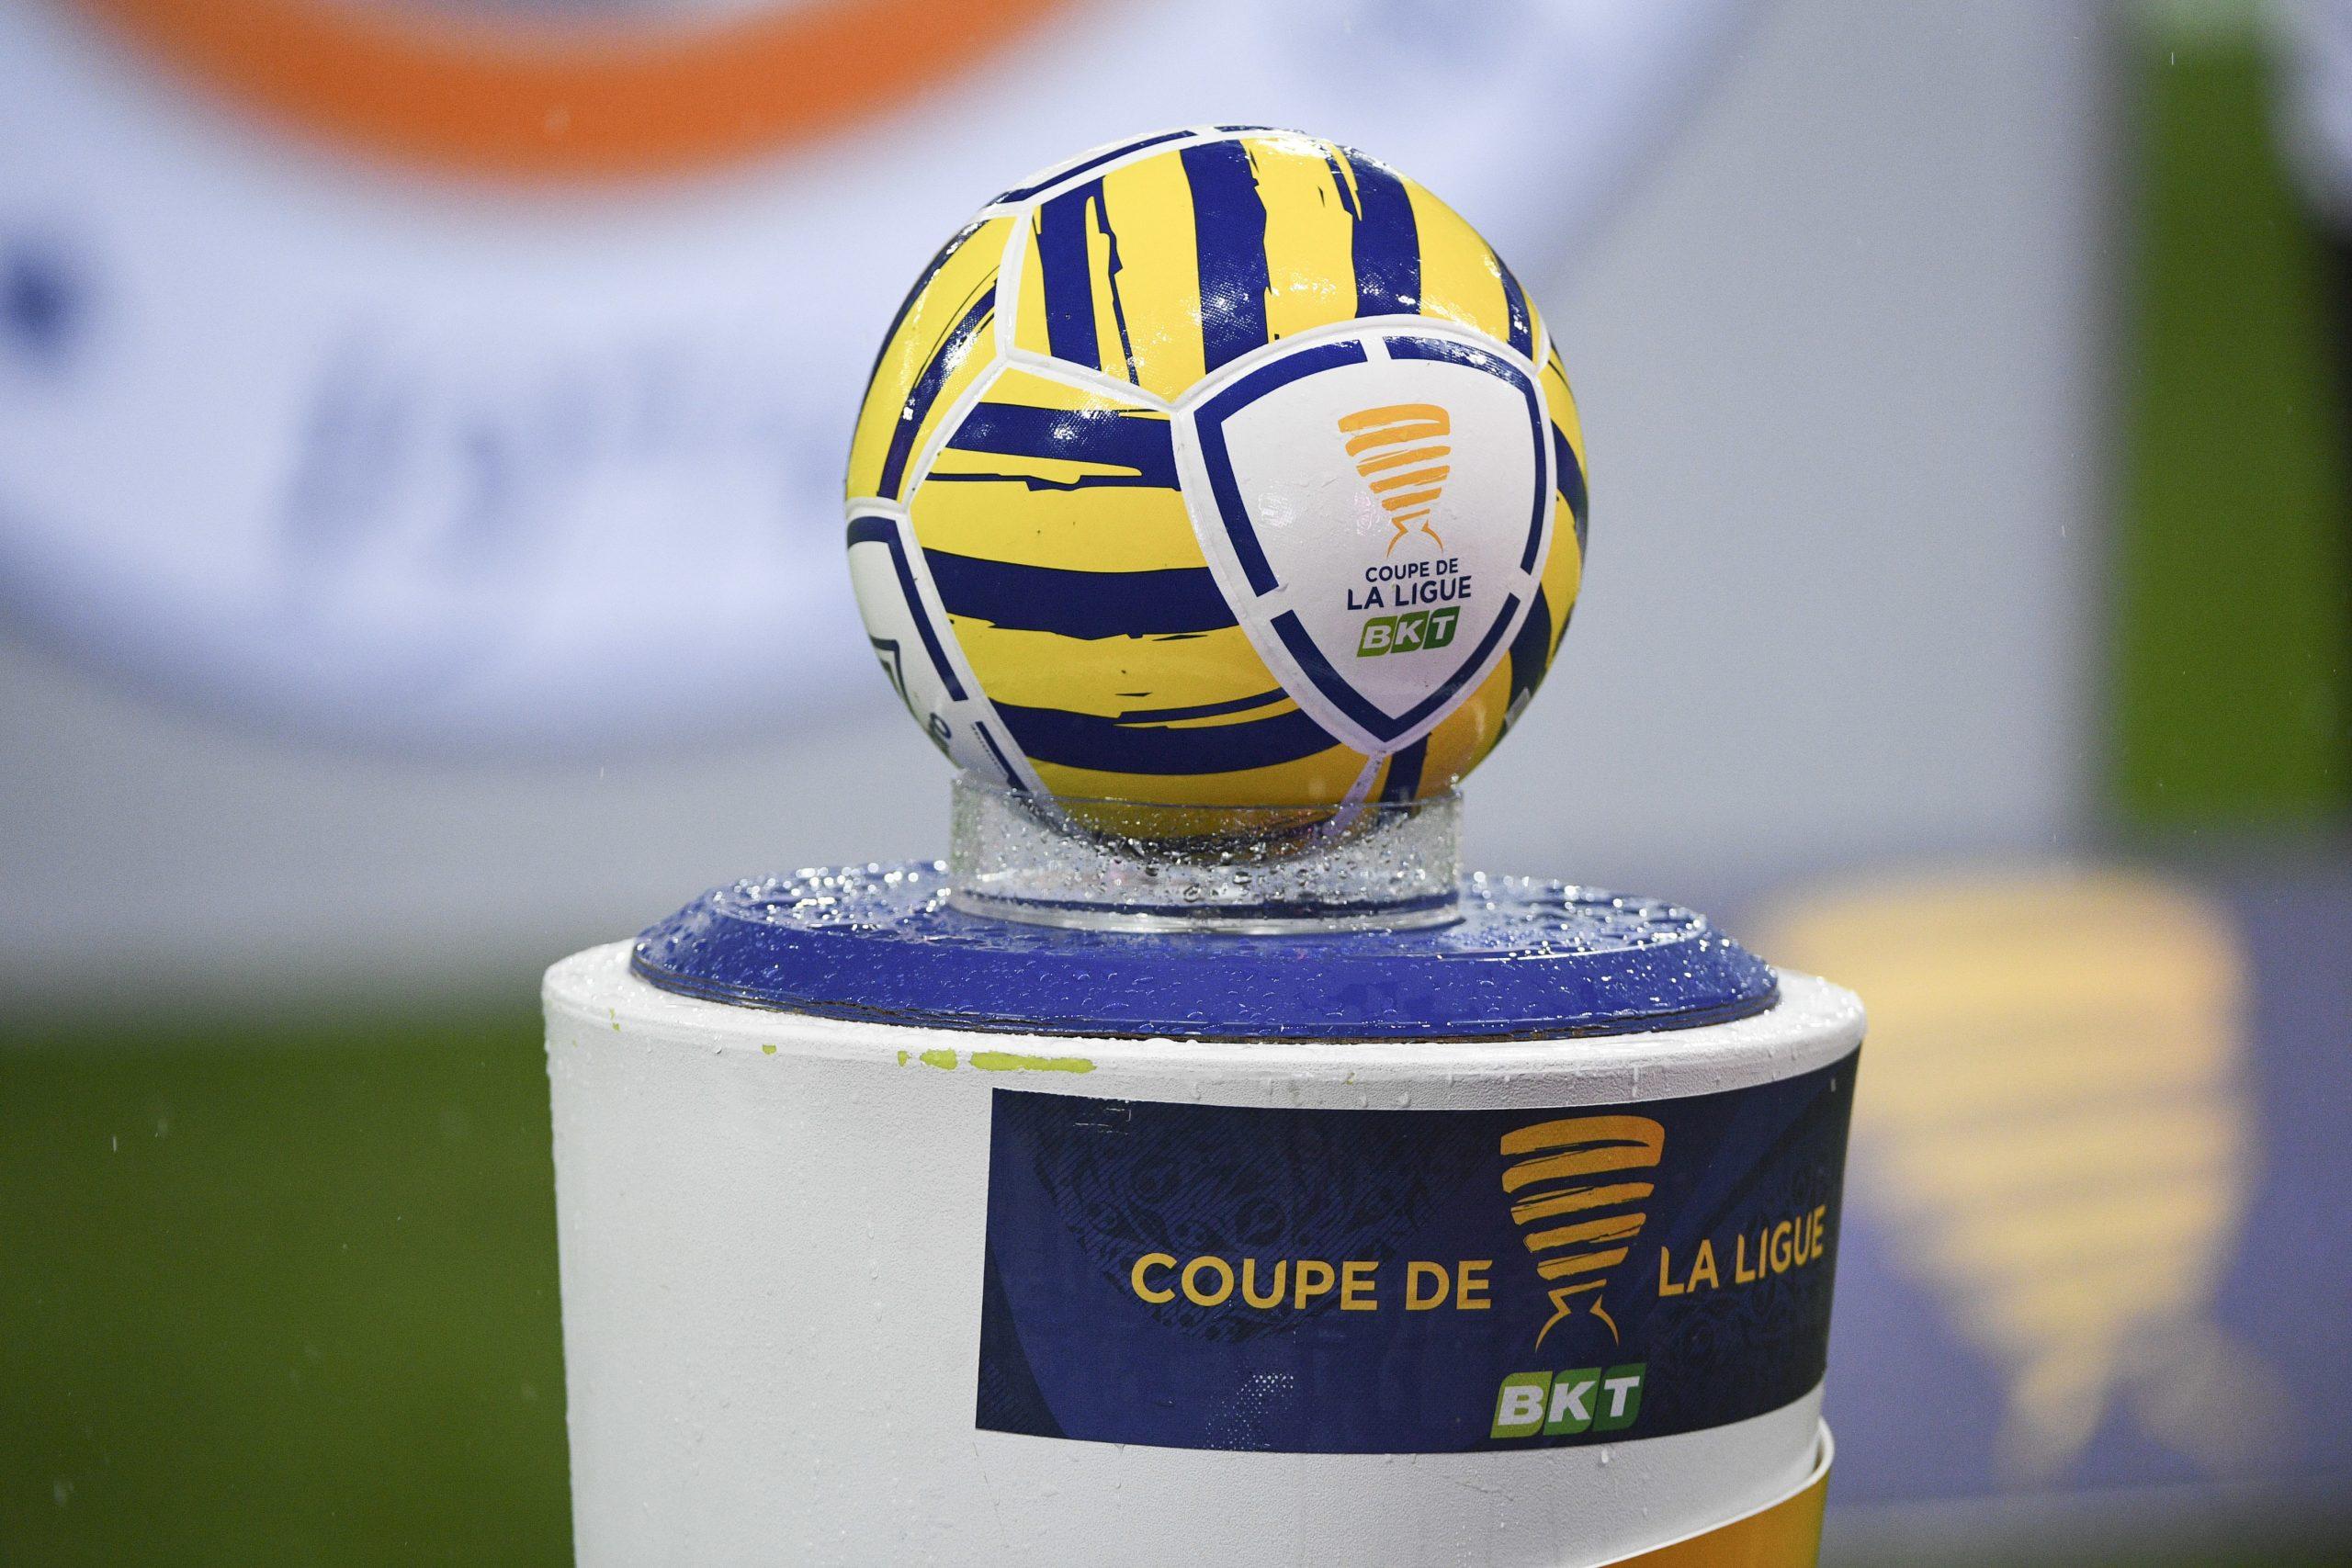 Revivez à 21h la finale de Coupe de la Ligue 2015 entre le Bastia et le PSG